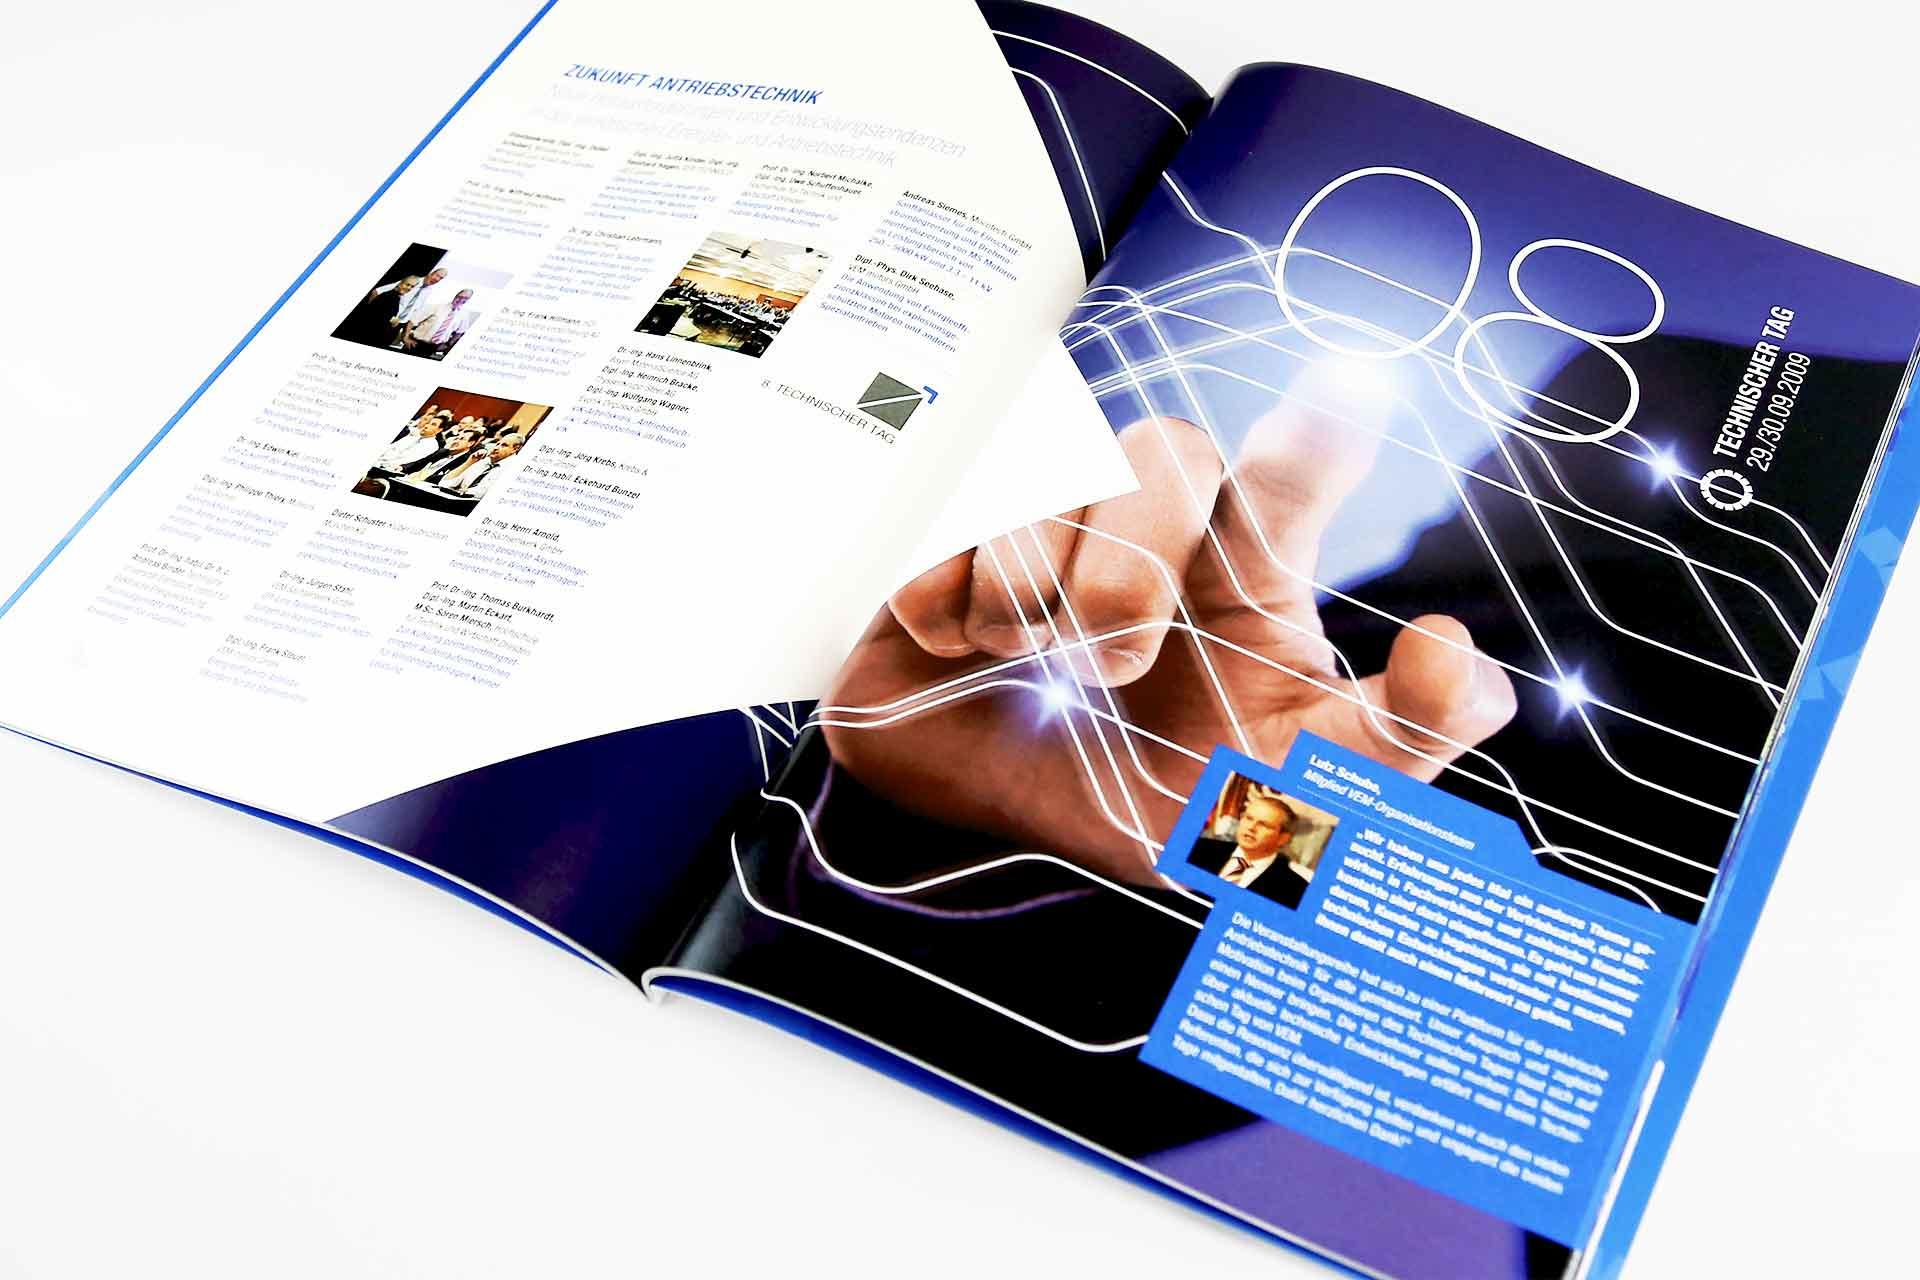 Jubiläumsbroschüre Beispielseite Technischer Tag 2009